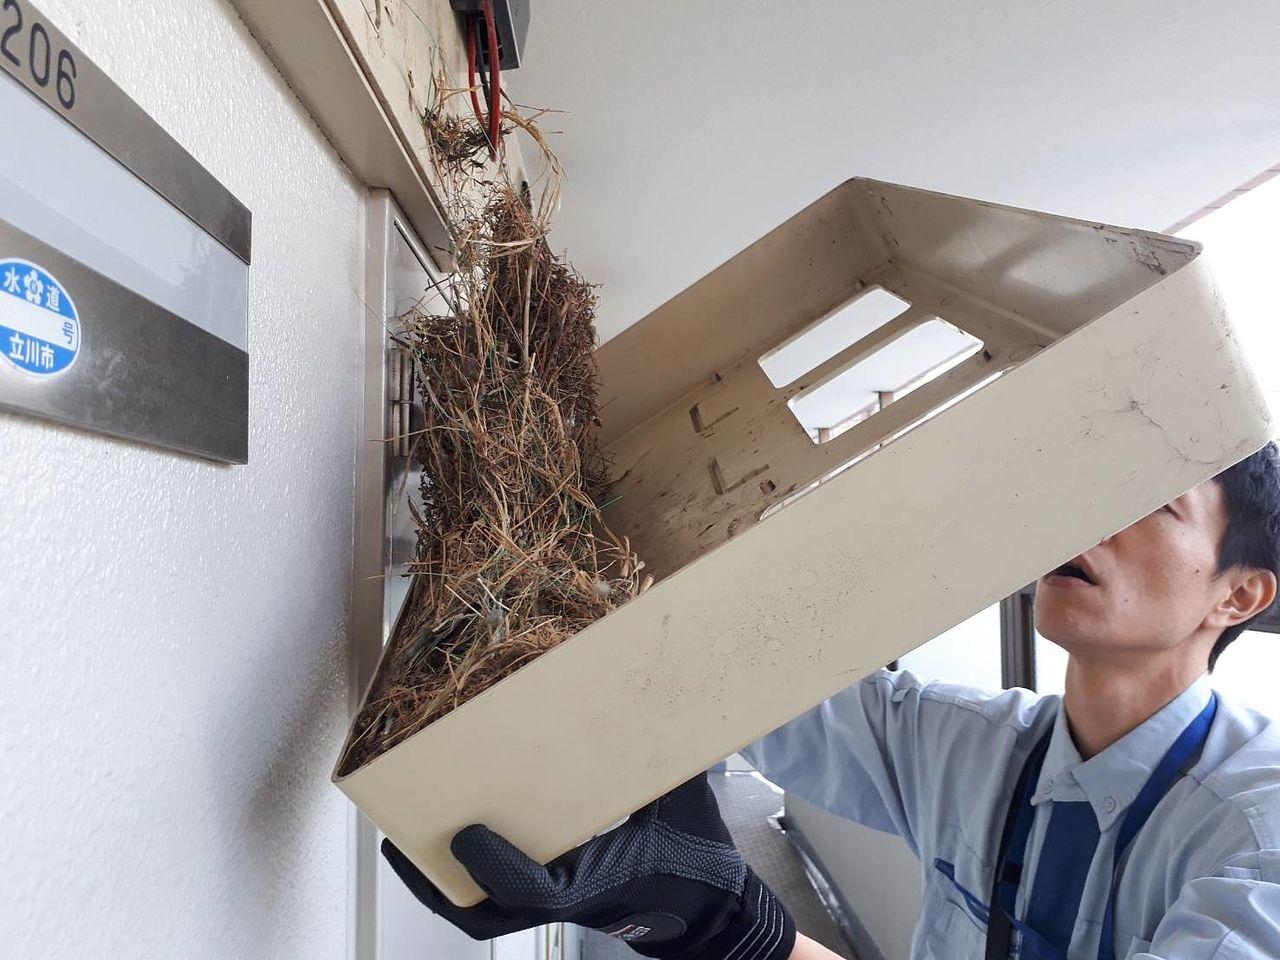 スマートメーターに変更で鳥に好かれるメーターボックスに